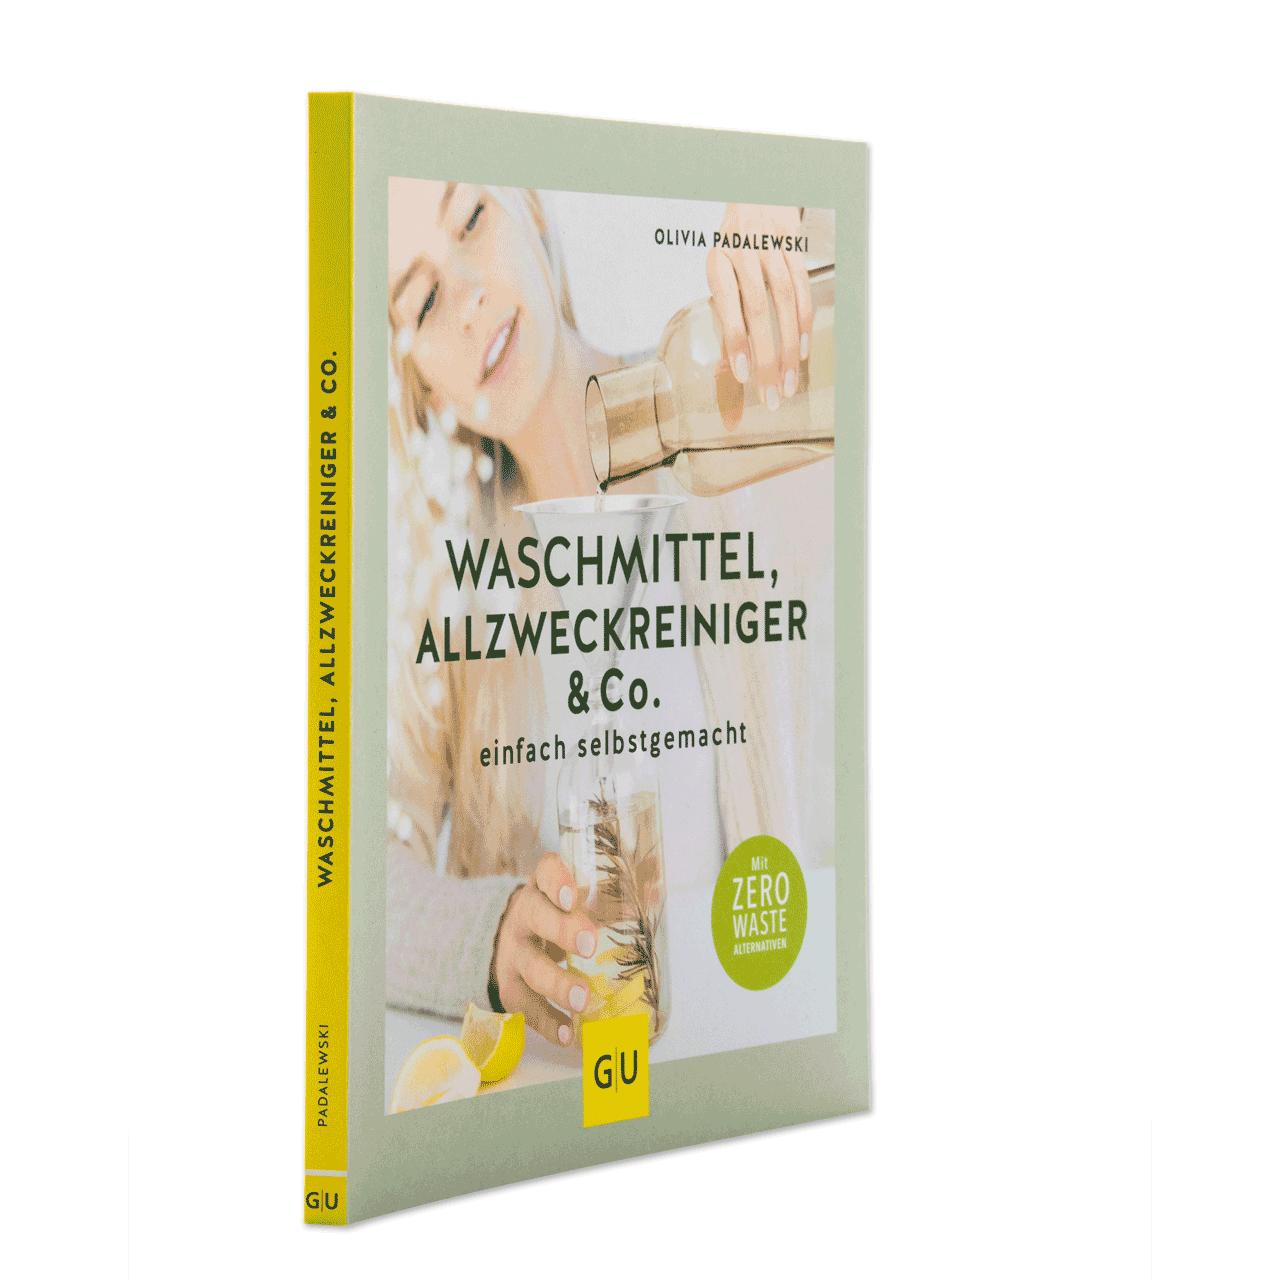 Buch: WASCHMITTEL, ALLZWECKREINIGER UND CO. EINFACH SELBSTGEMACHT